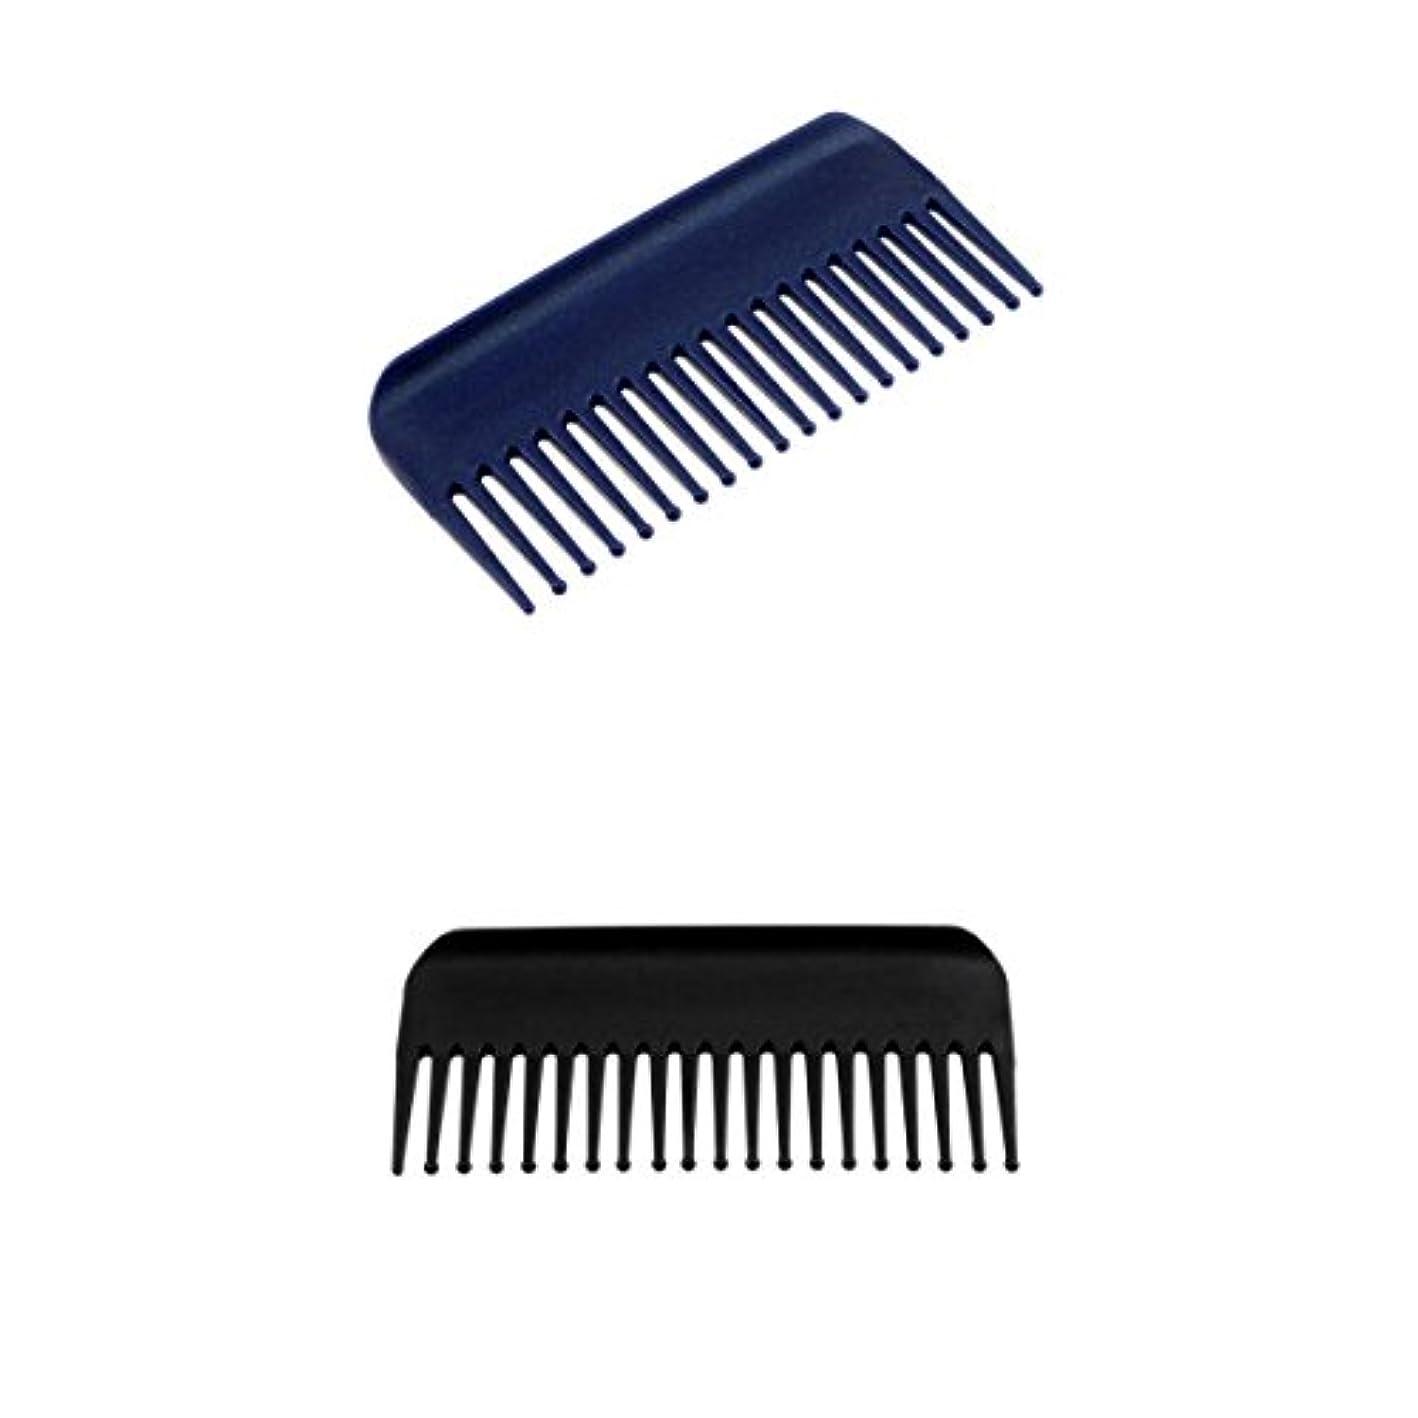 バリア音トースト2個19歯解くこと髪くしヘアコンディショニングレーキくしワイド歯ヘアブラシサロン理容ツール